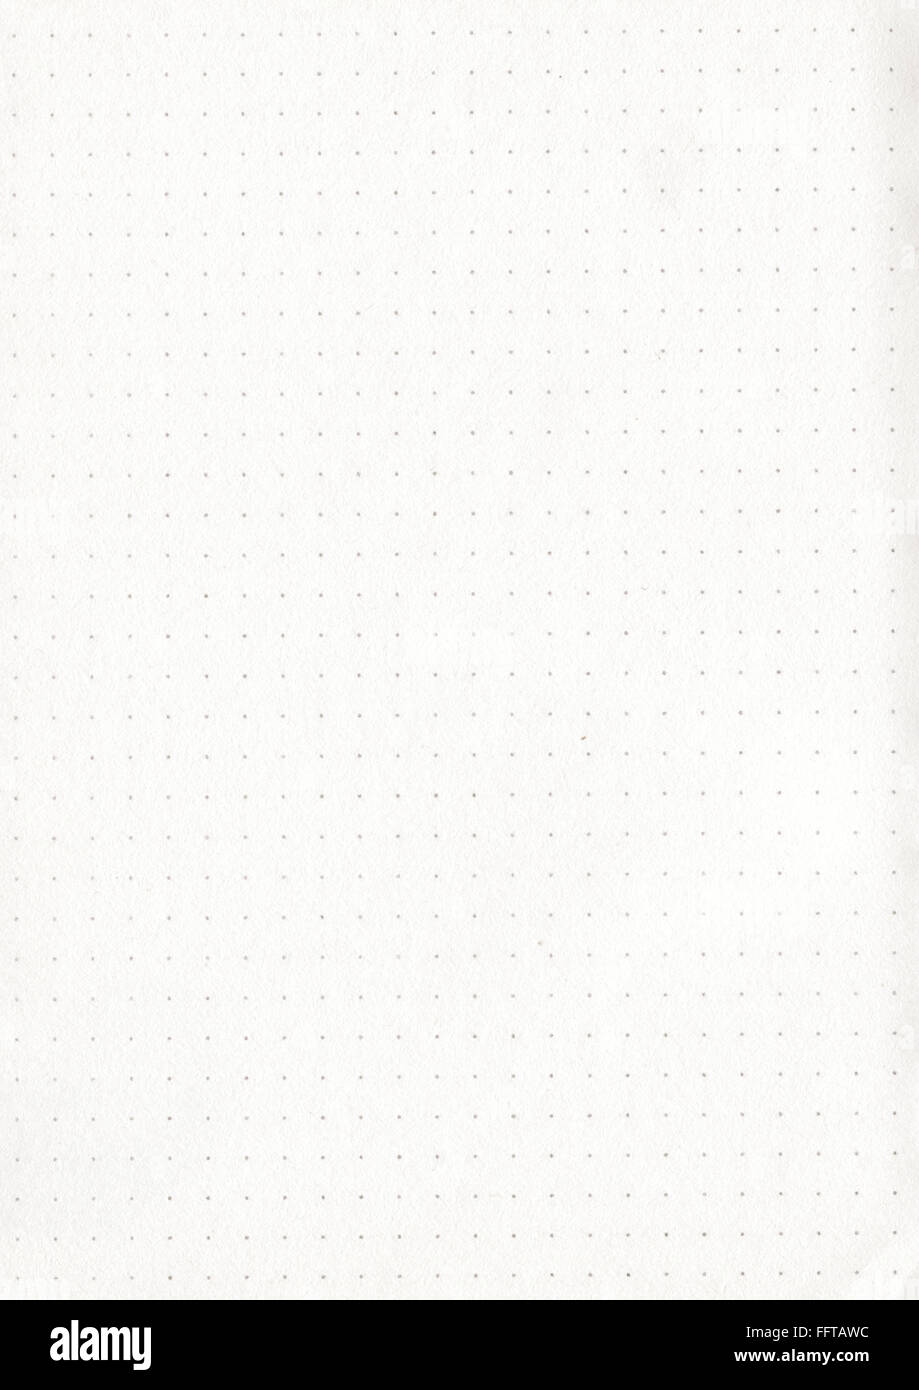 Papier Blatt Gepunktet Punkte Punkte Zettel Kopierpapier Schreibunterlage Schreiben Papeterie Stift Malen Zeichnen Stockbild